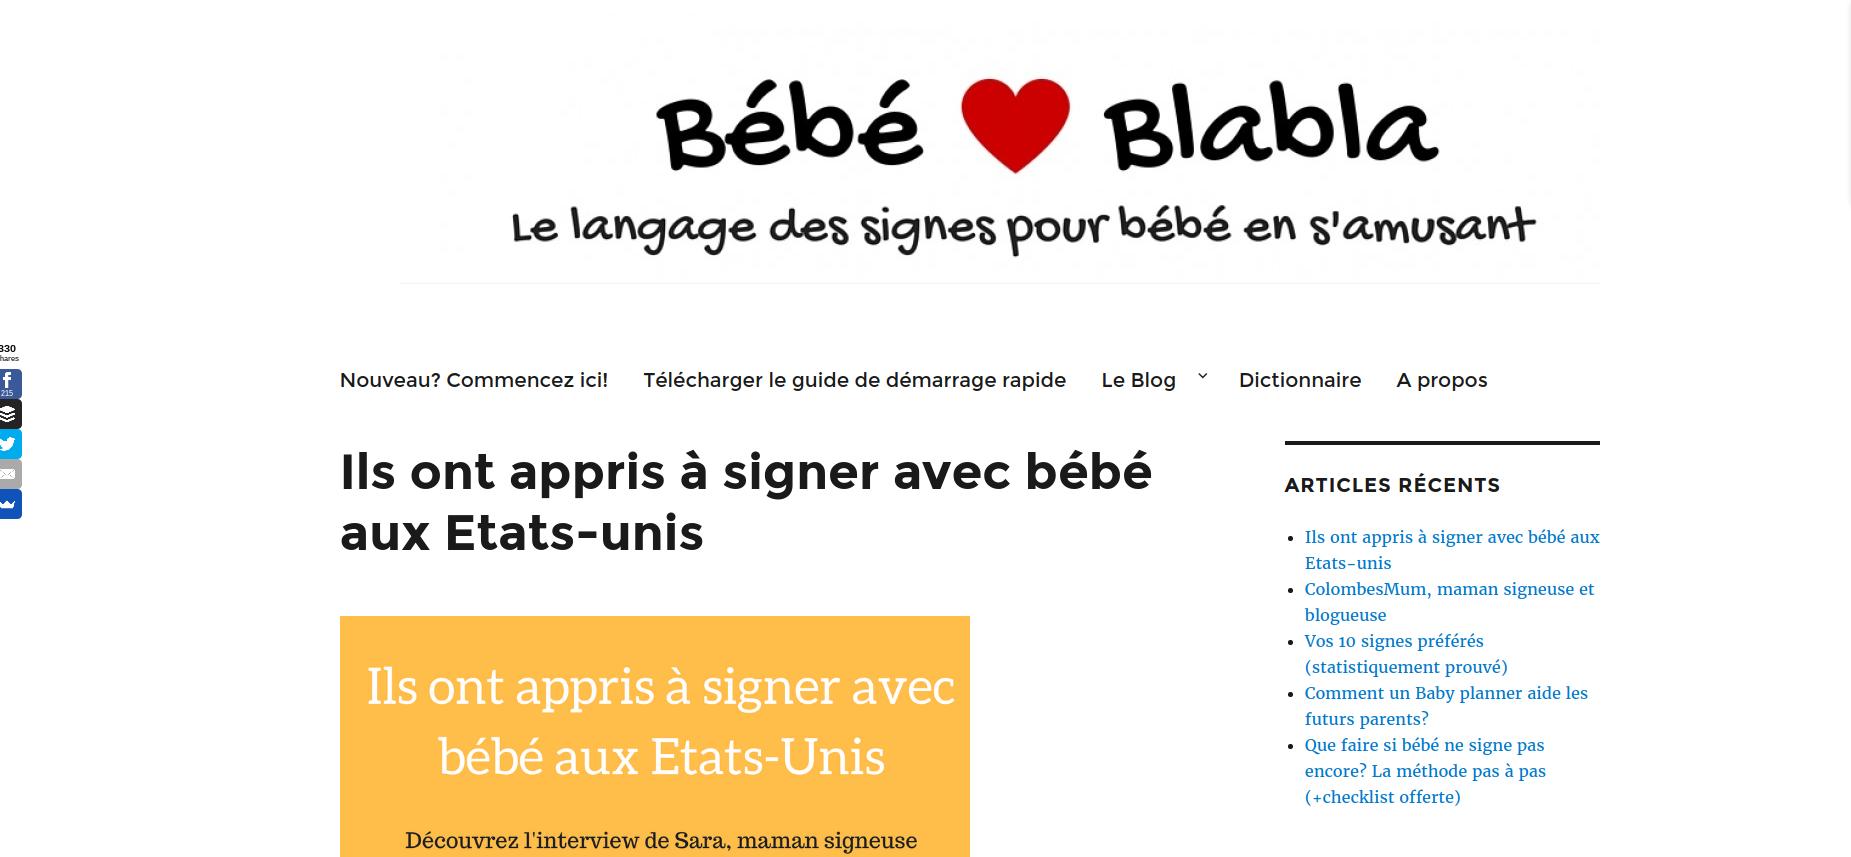 le site bebeblabla.fr